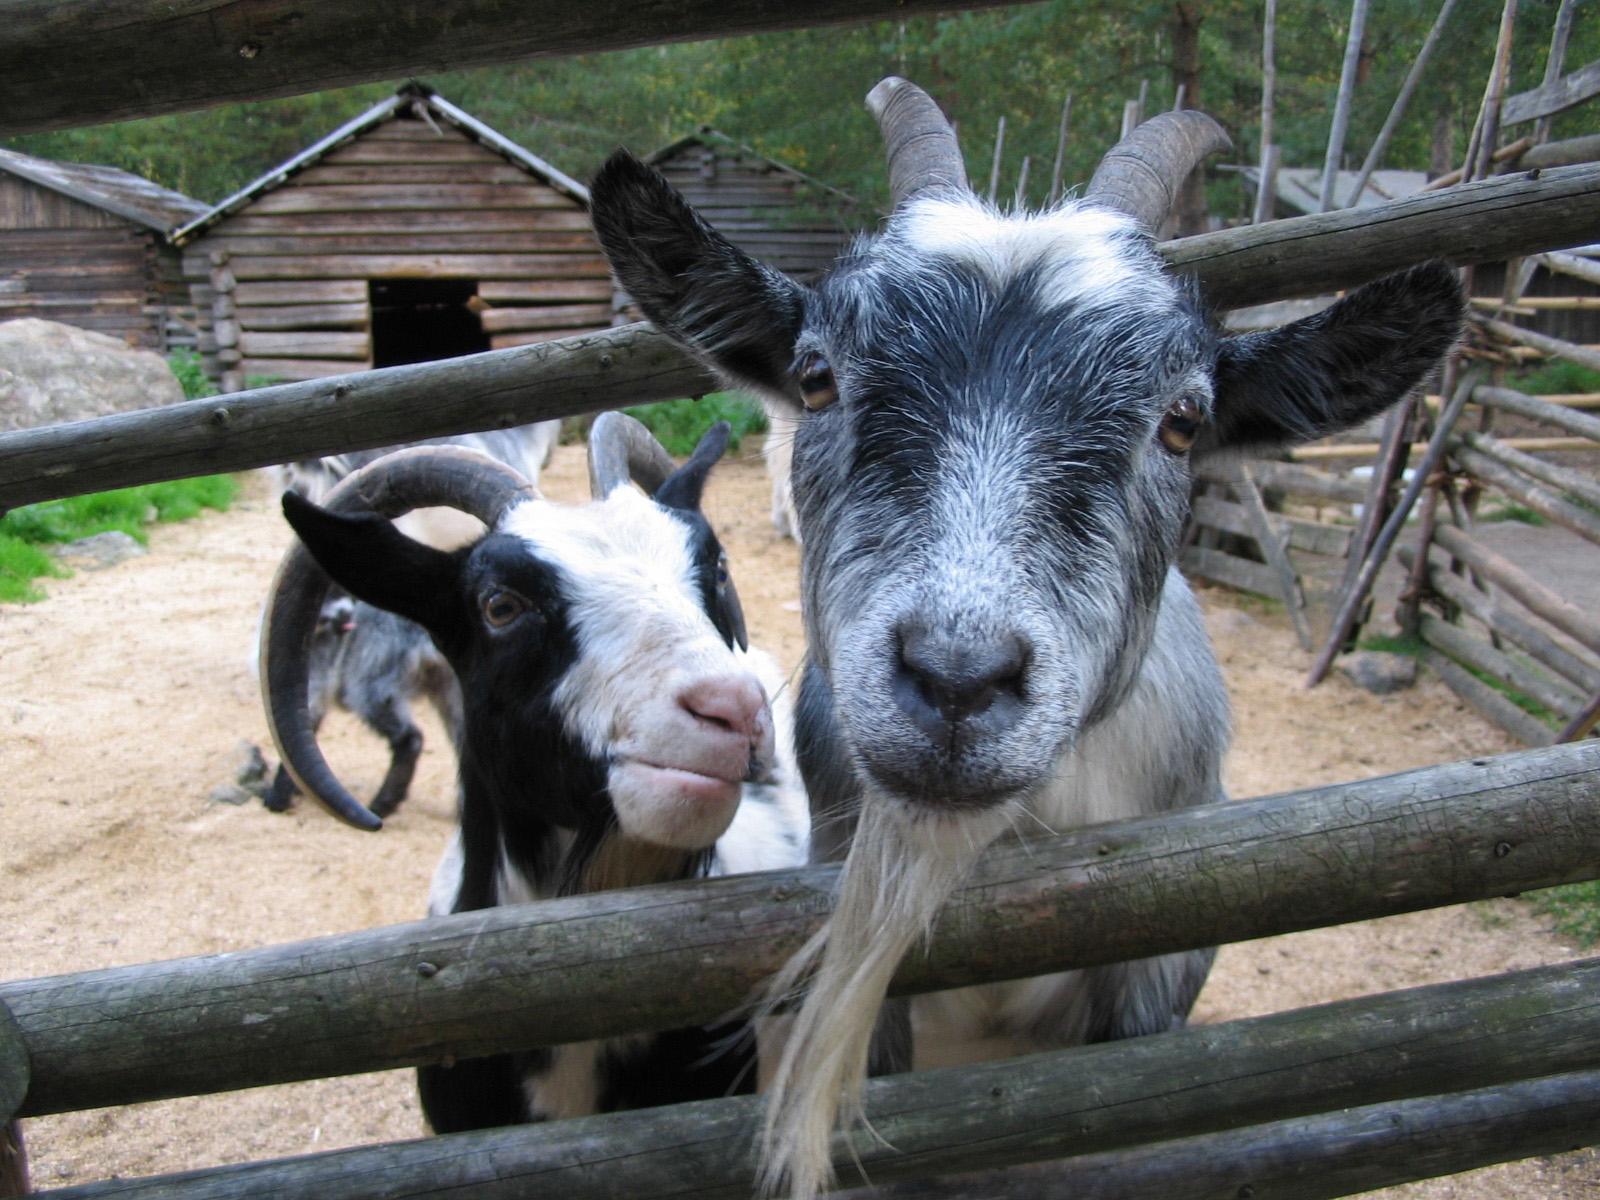 Toivosen eläinpuisto on koko perheen matkailukohde Kokkolassa. Kaksi vuohta katselee aidan raosta kohti kuvaajaa.